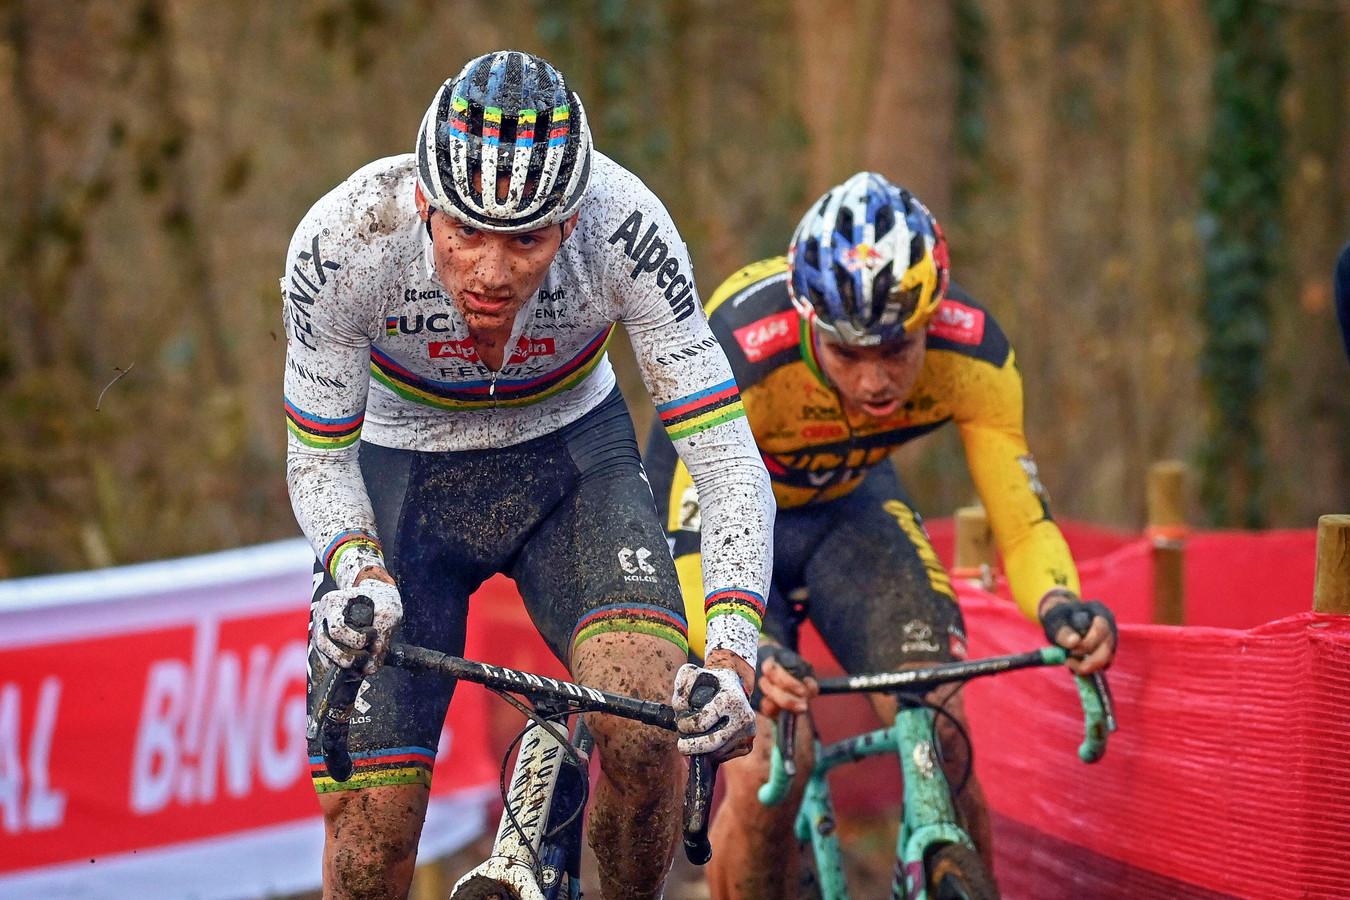 Mathieu van der Poel met Wout van Aert in zijn wiel bij de wereldbekerwedstrijd in het Belgische Namen.